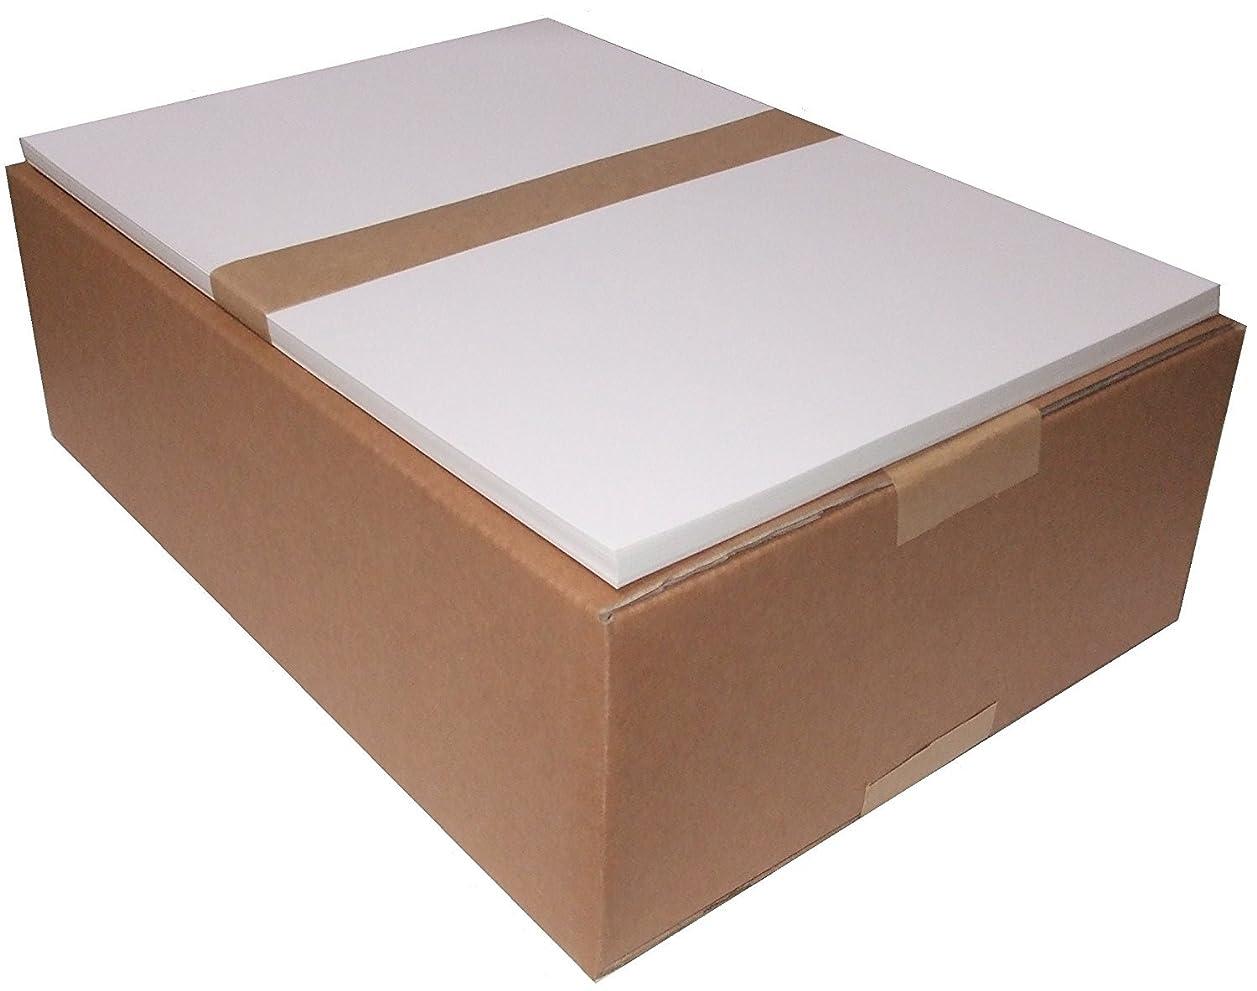 めんどり家具ウミウシ【光沢/厚紙】 レーザープリンターA4サイズ用紙 コート紙<90kg>100枚 A4-100-C90